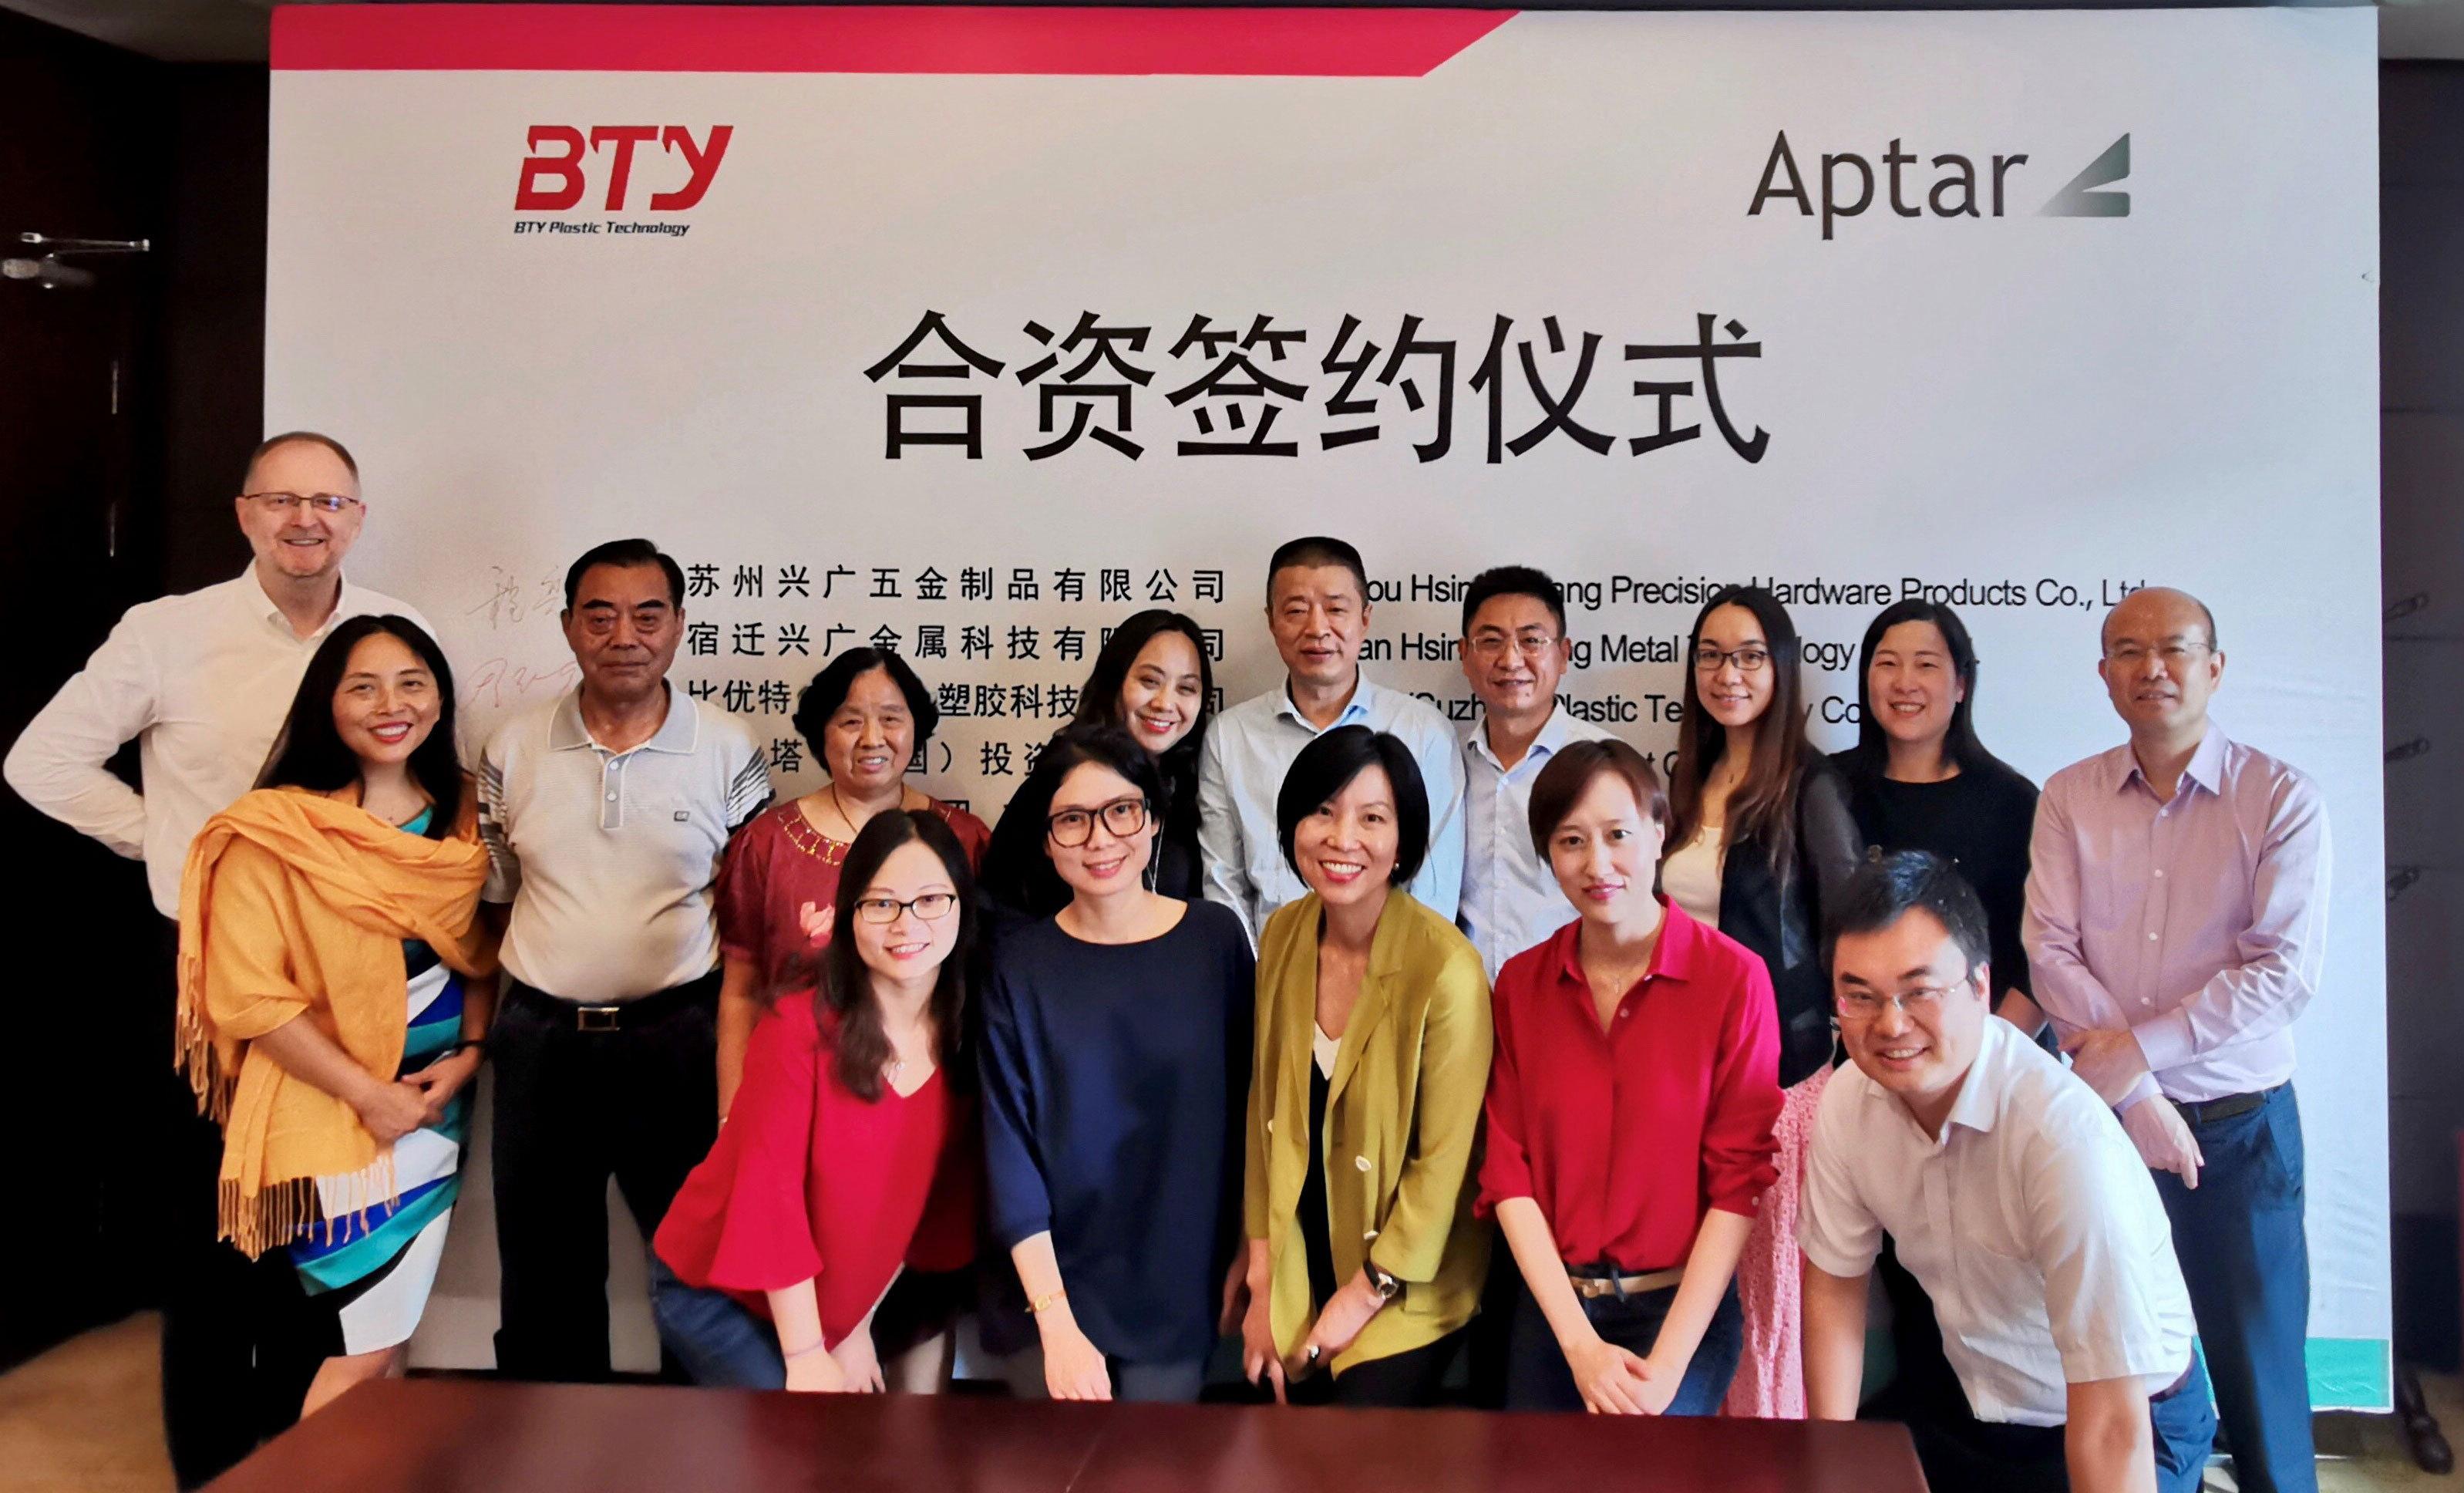 美国包装配出系统供应商Aptar收购中国彩妆包装制造商比优特的战略股权